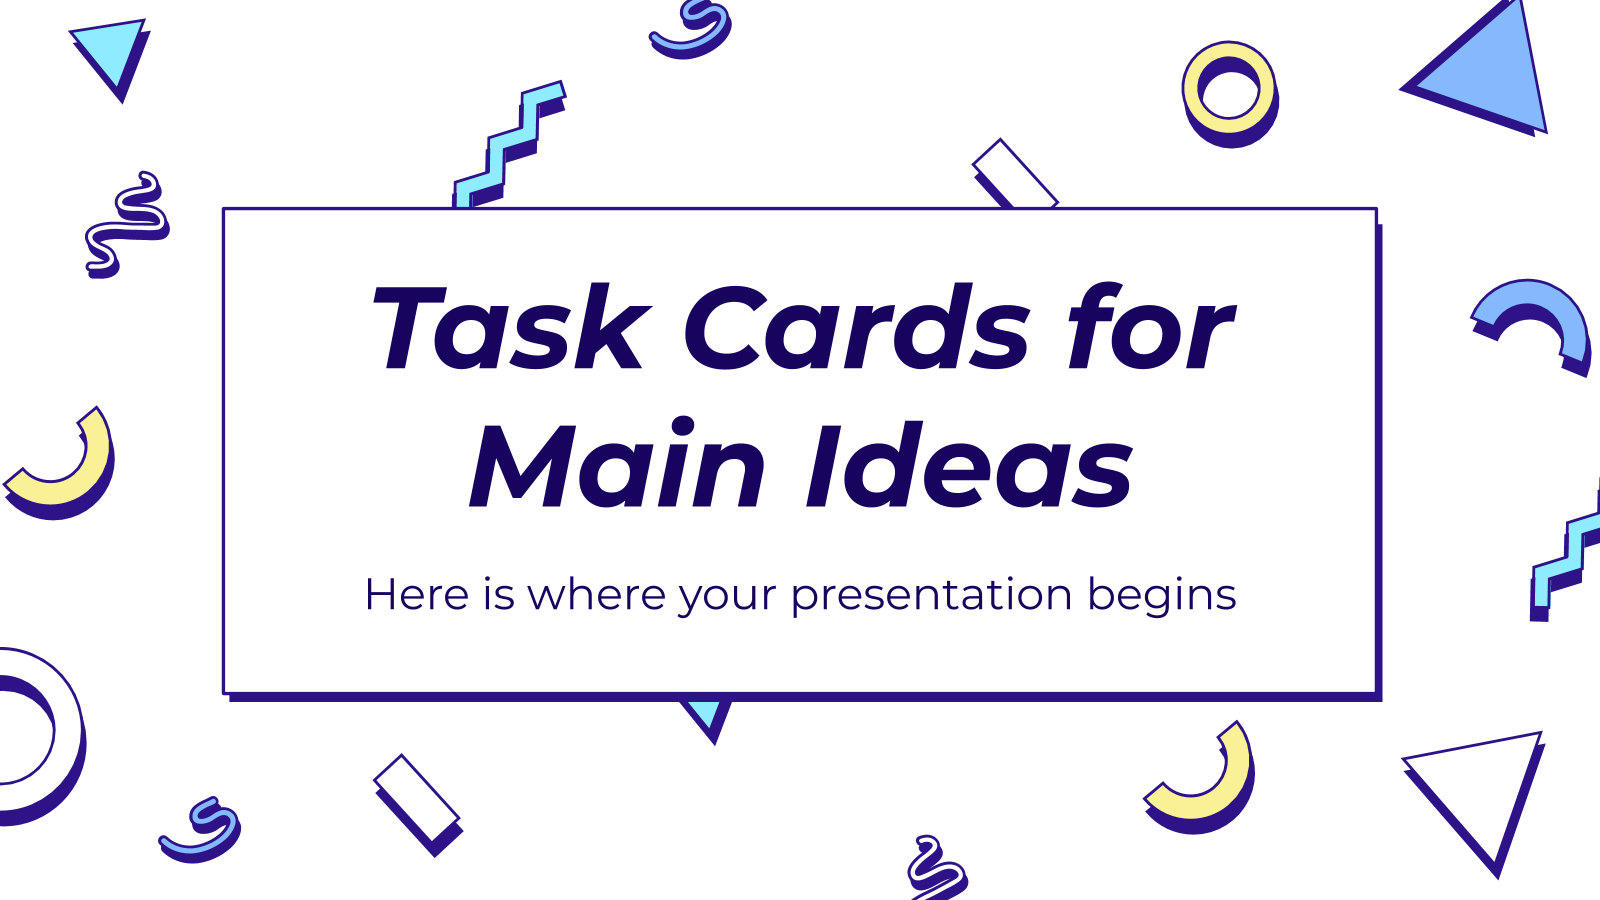 Cartes de tâches : Modèles de présentation